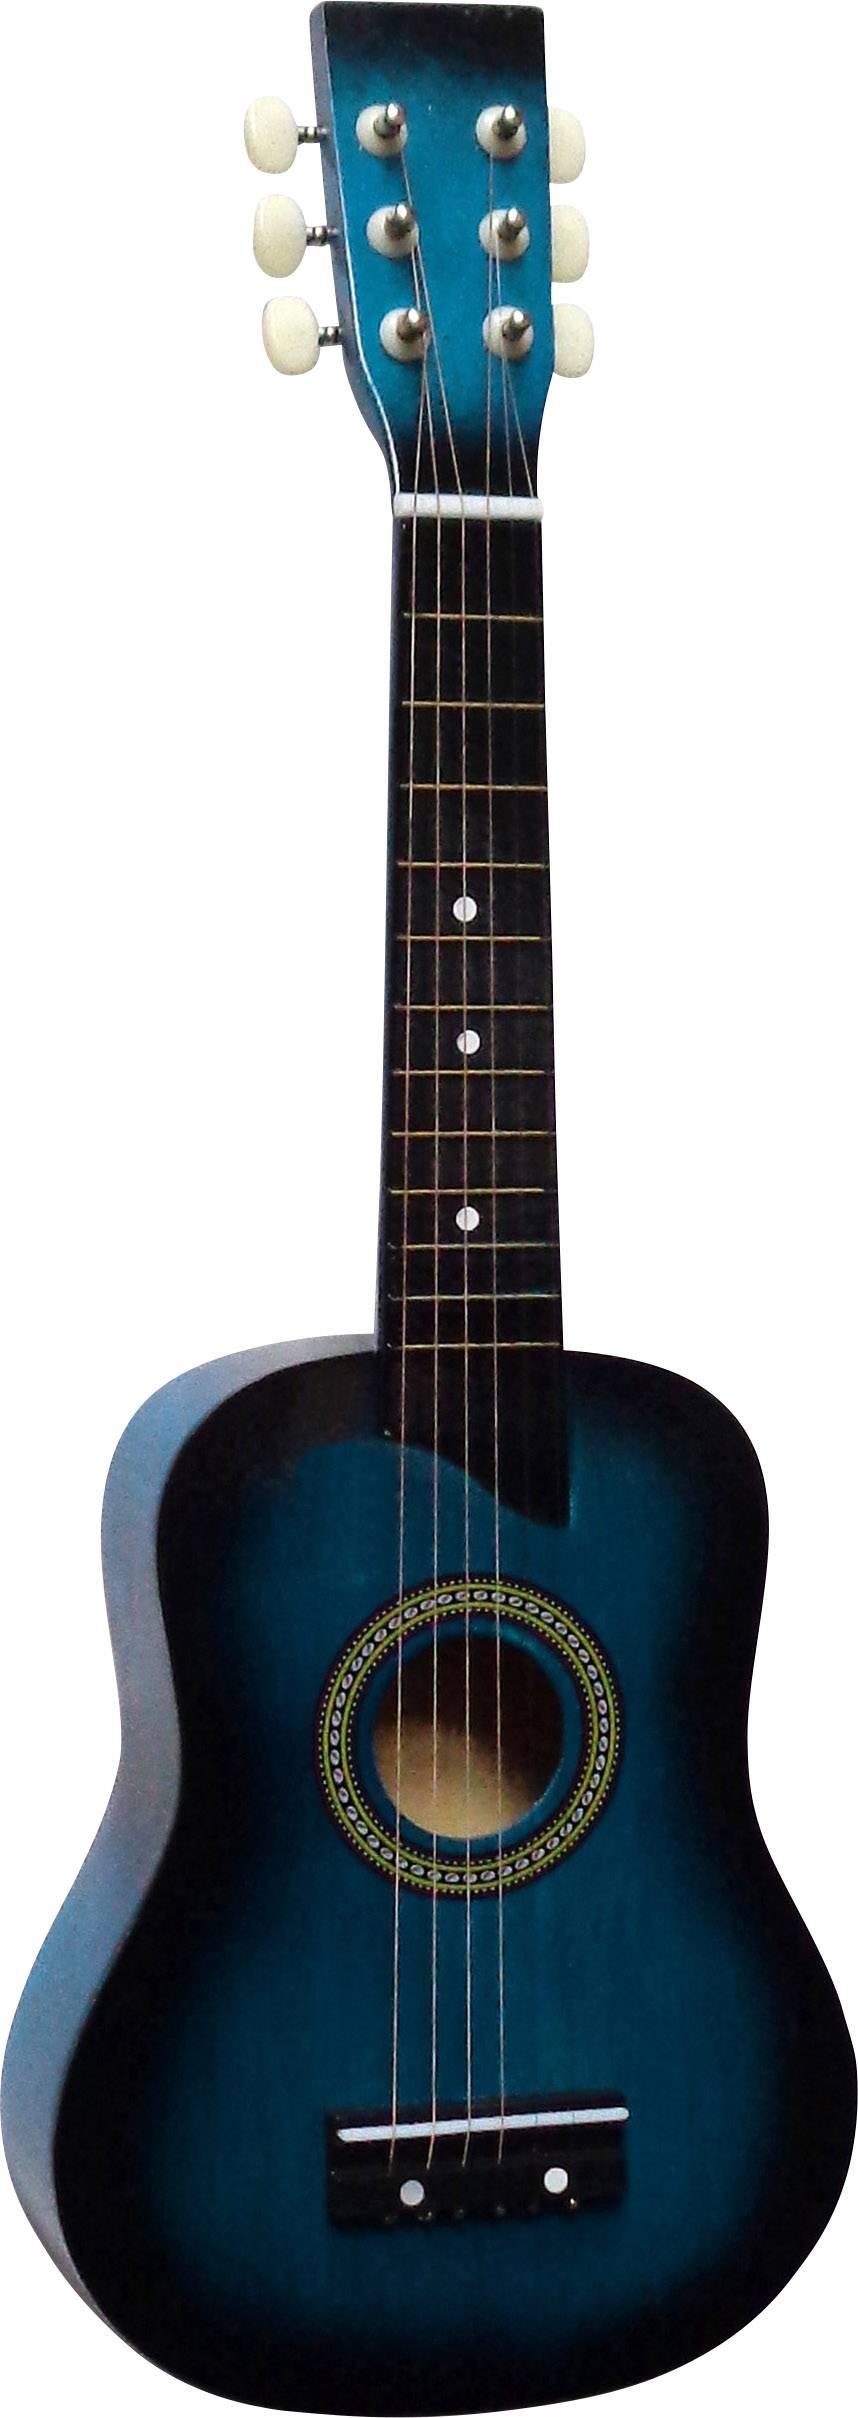 Chitarra classica MSA Musikinstrumente TL 2 Blu